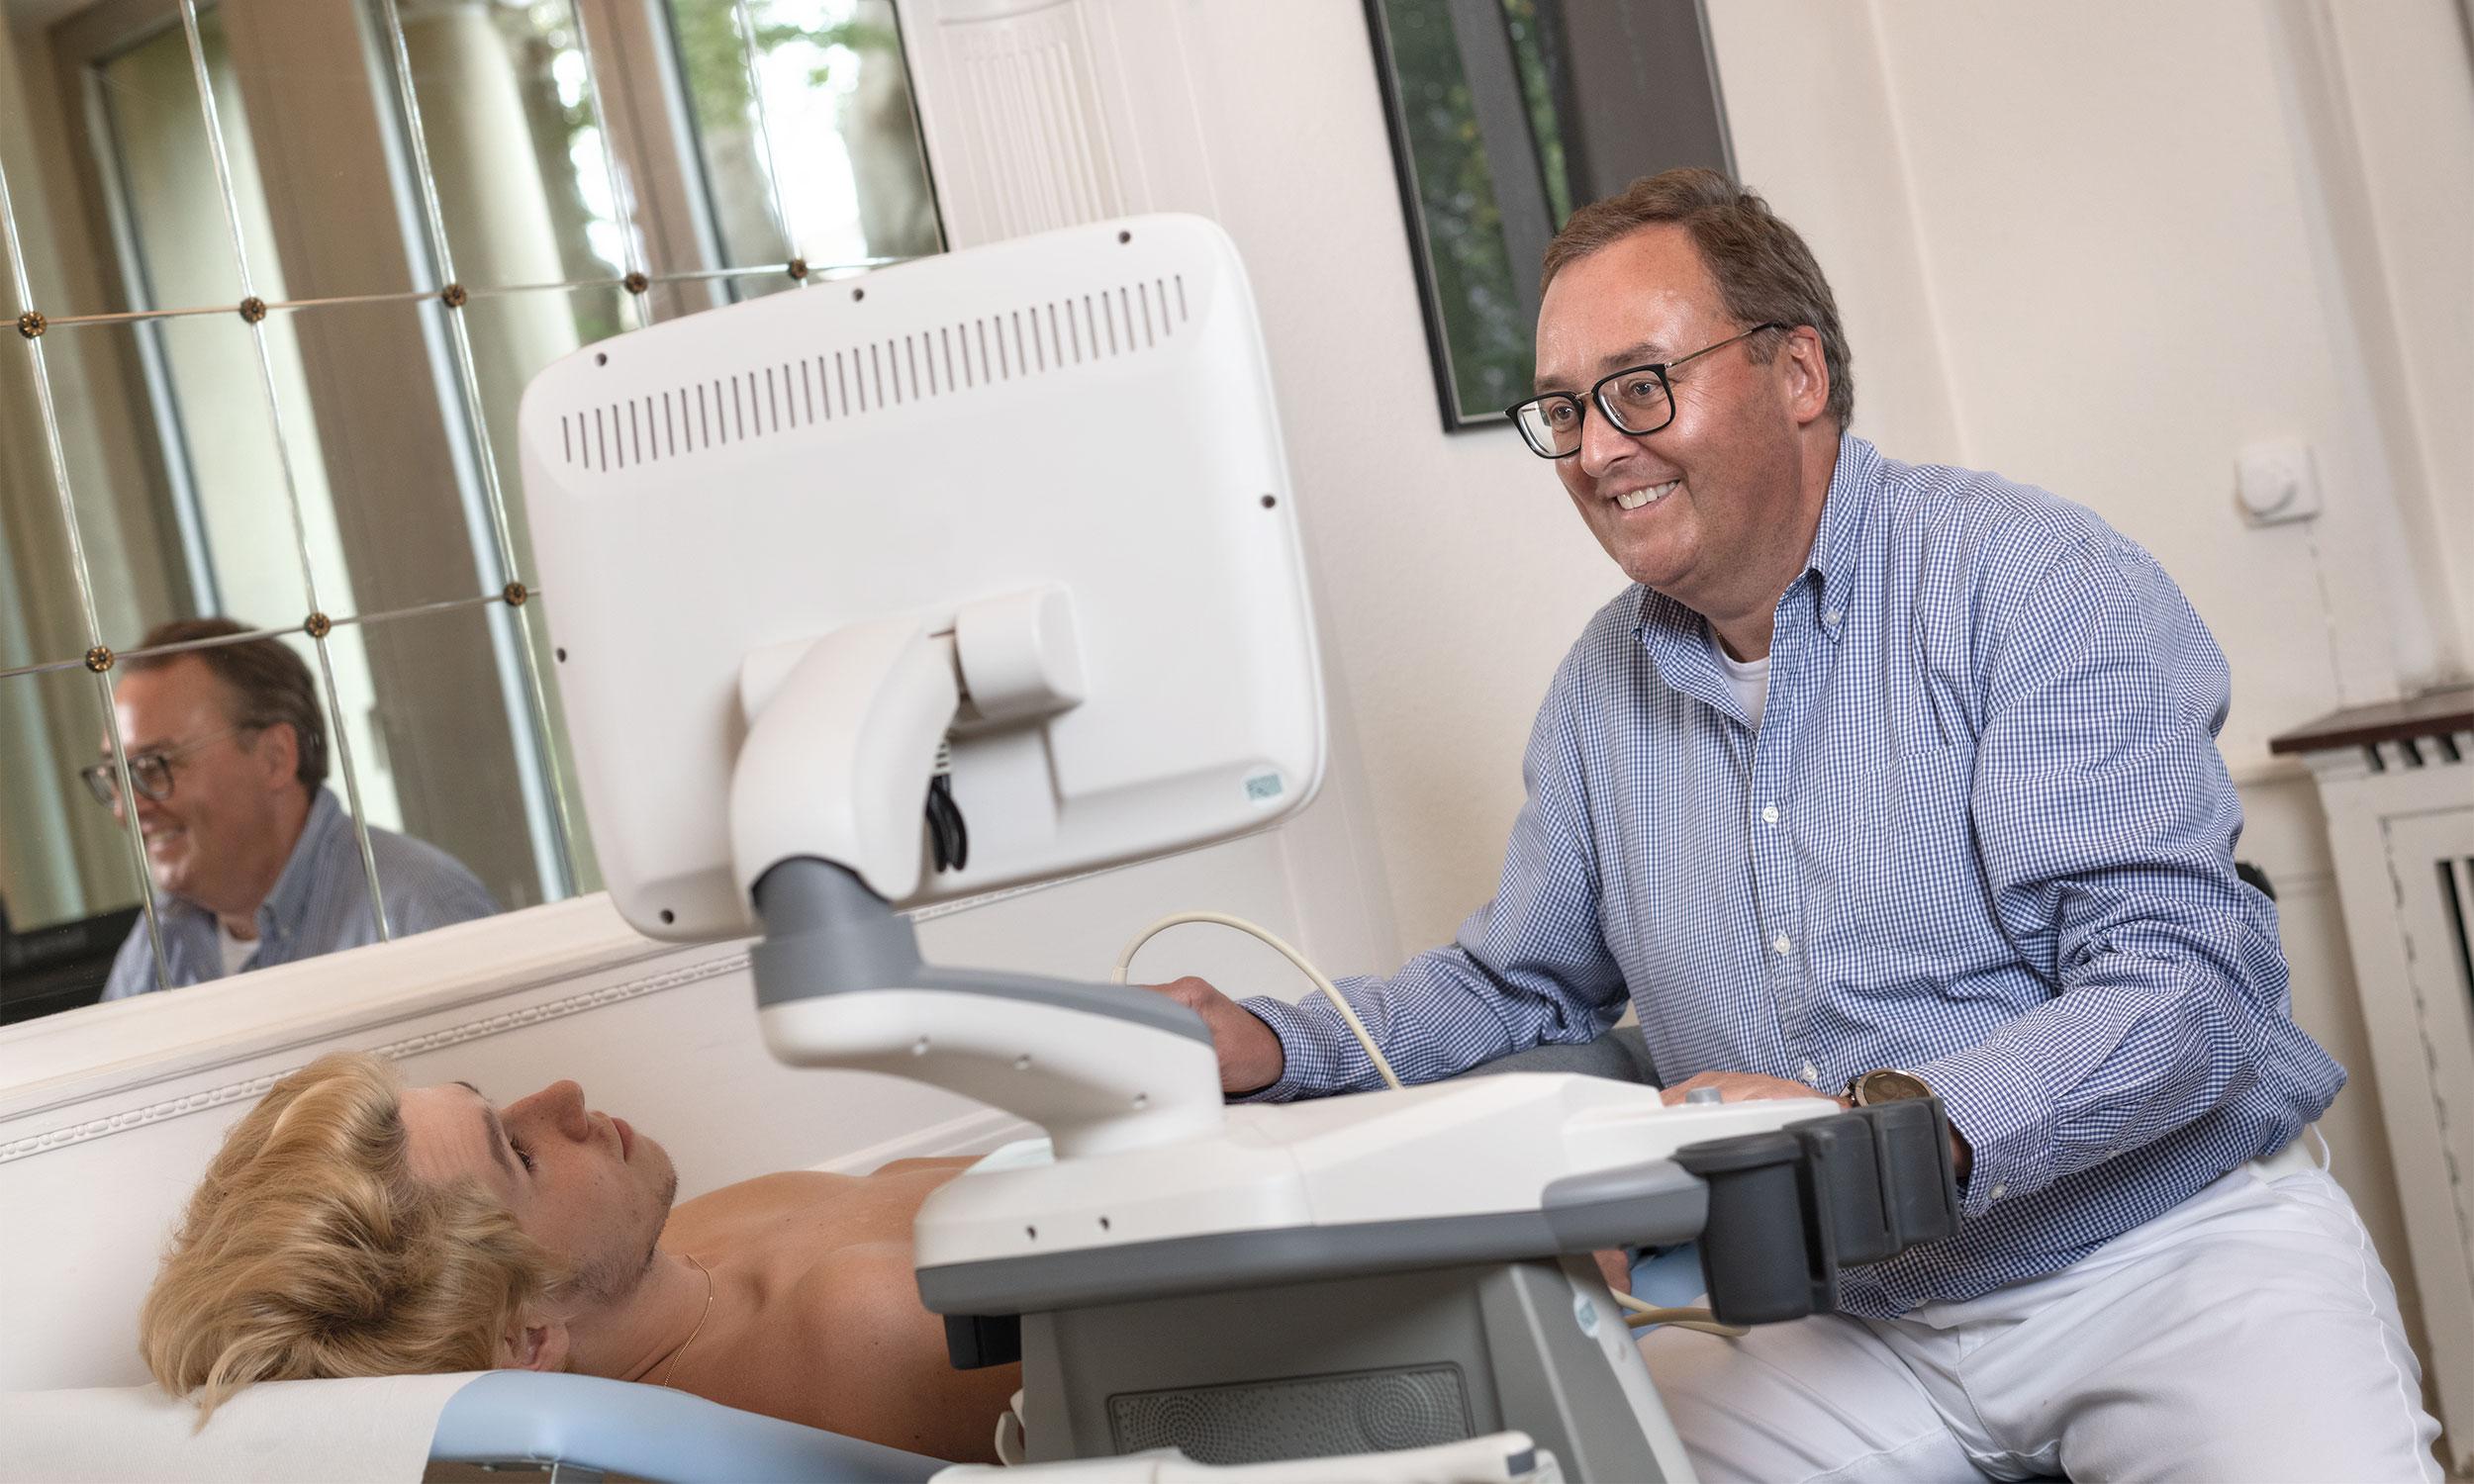 Detailaufnahme eines Ultraschallgerätes - Ihr Urologe in Solingen